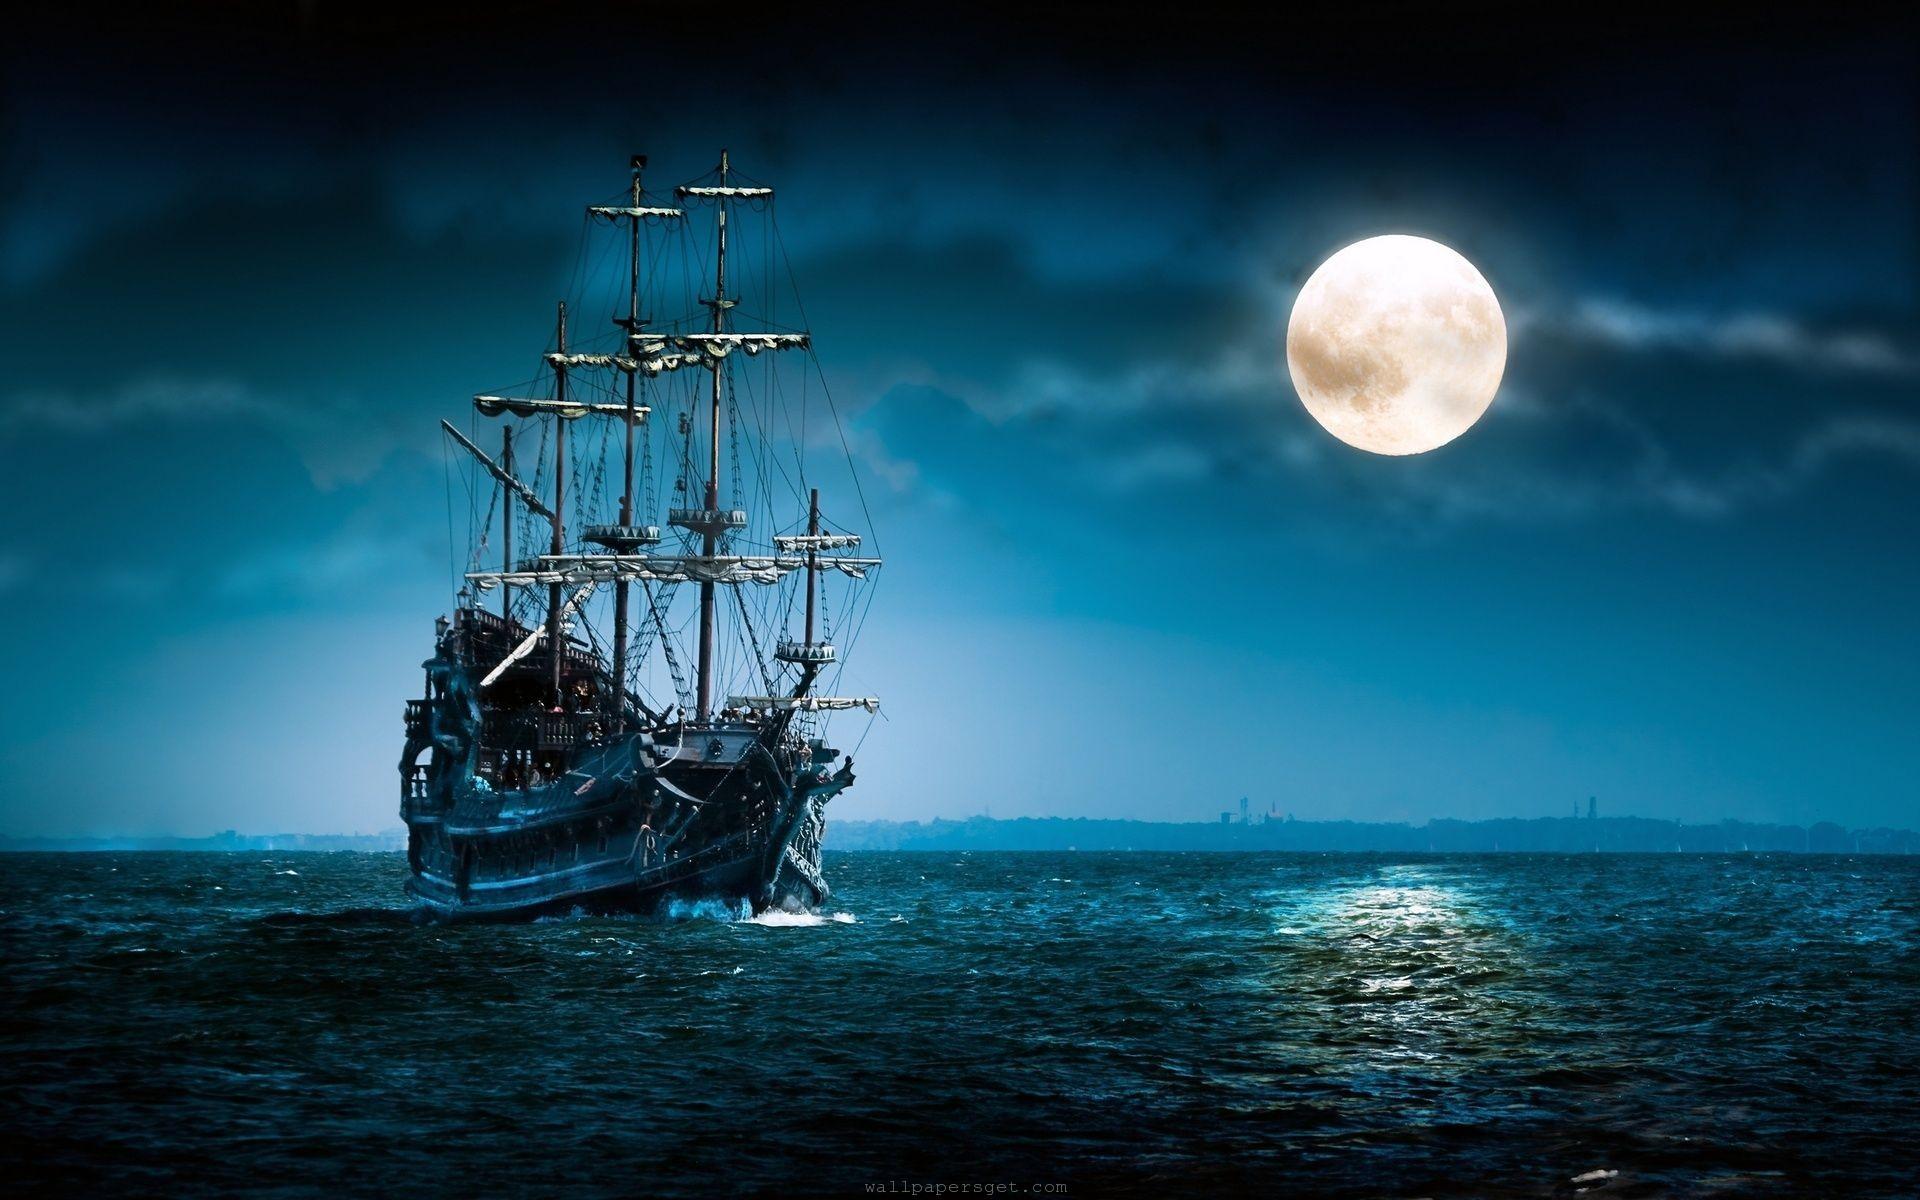 بالصور صور قمر , اجمل خلفيات للقمر 922 8